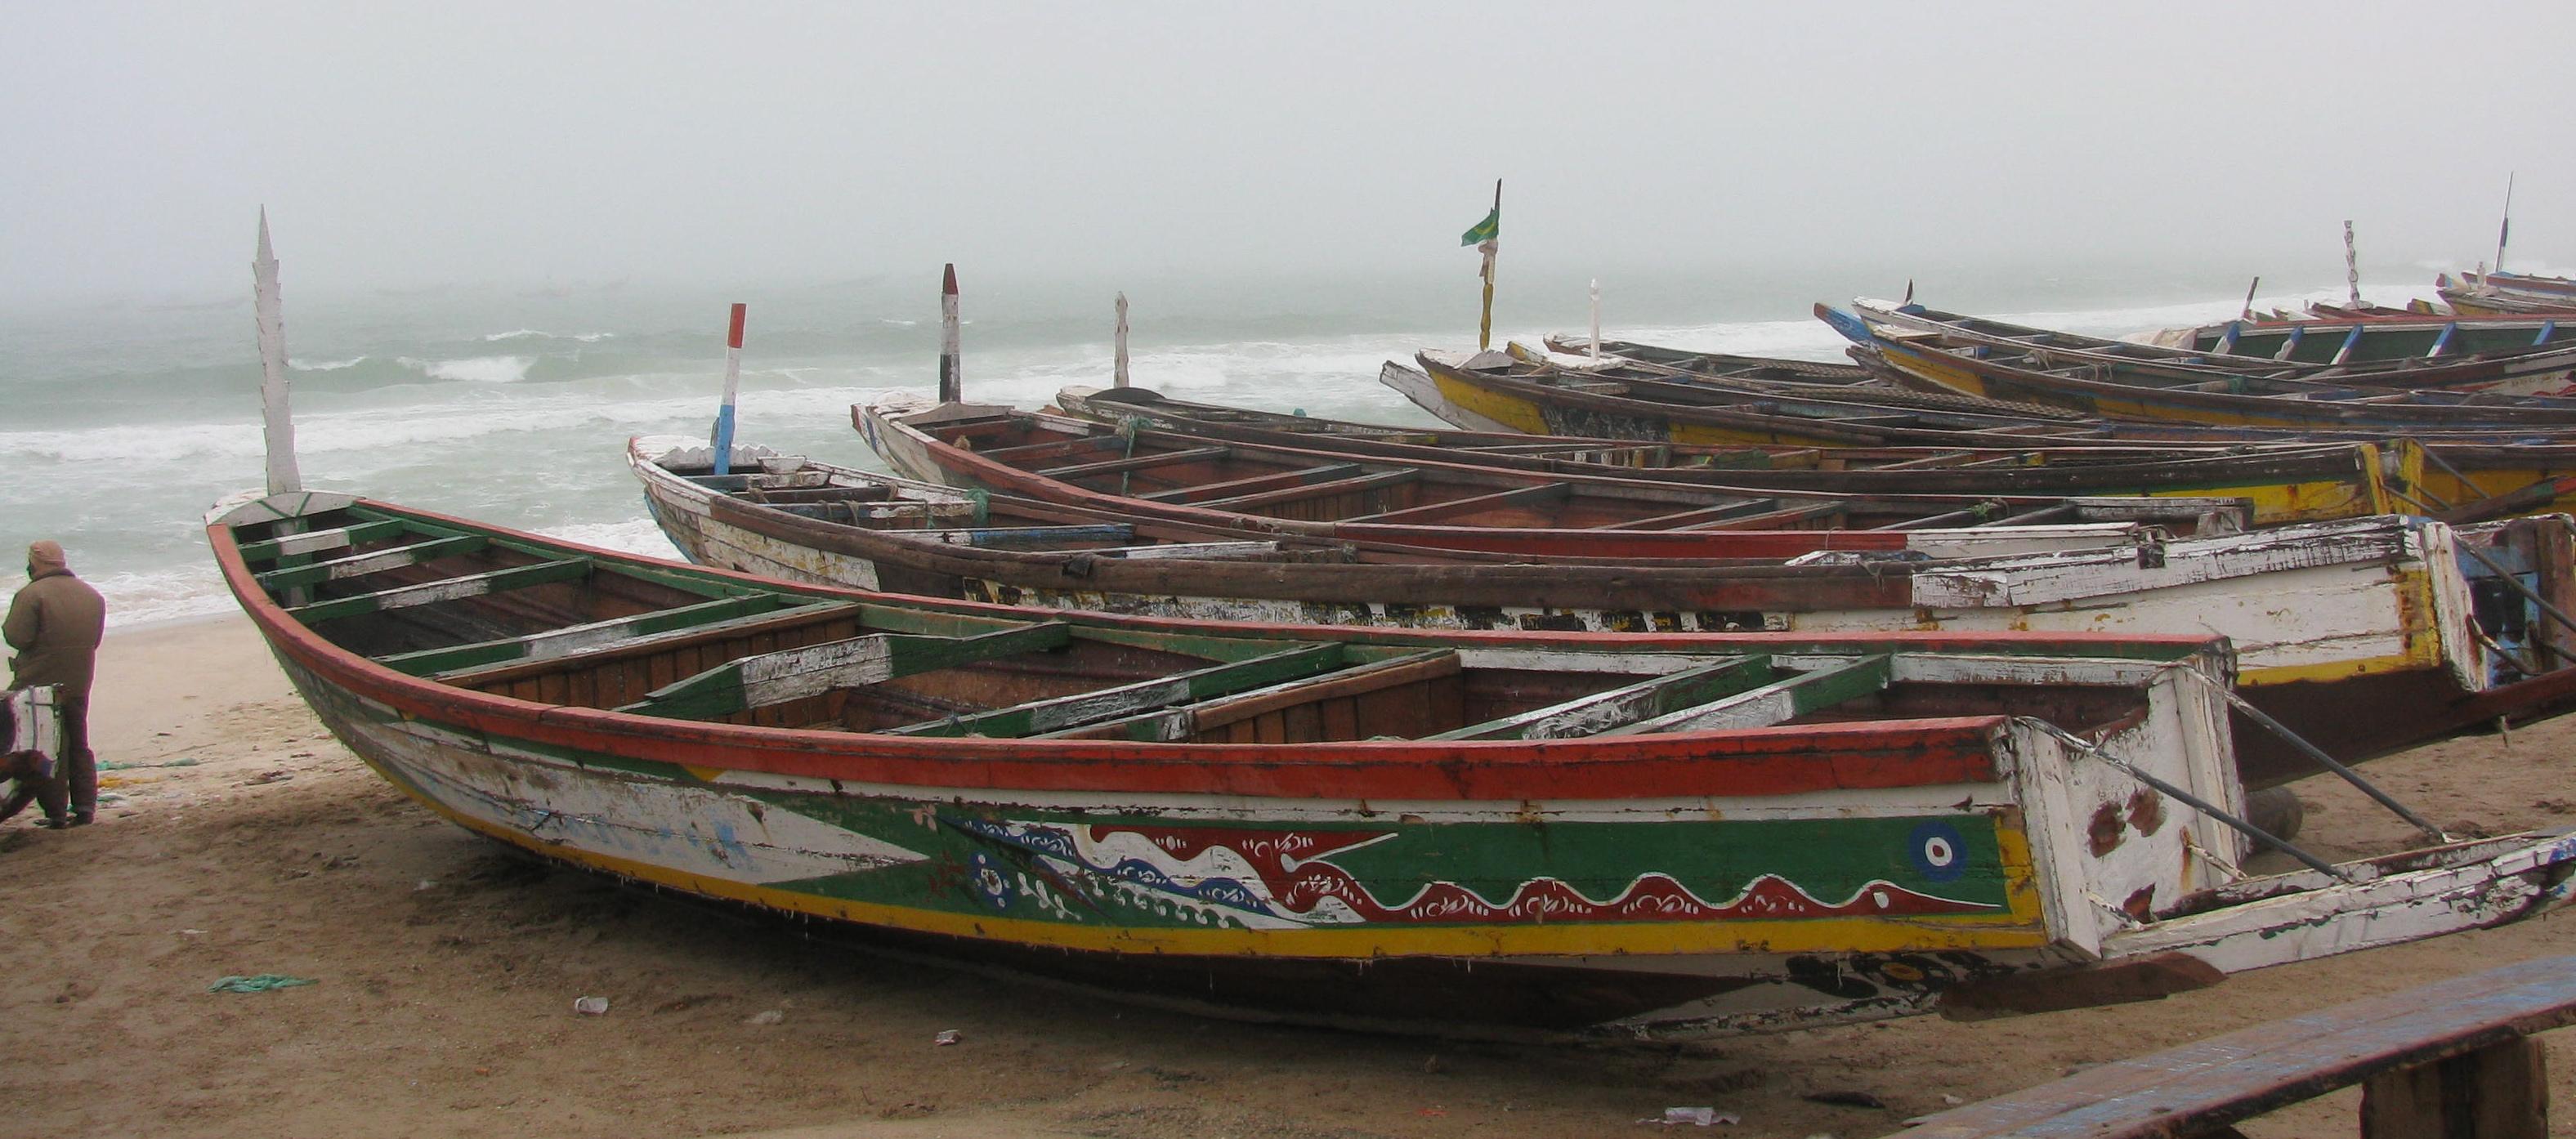 Nouadhibou—let's go fishing in Mauritania | Where to next?